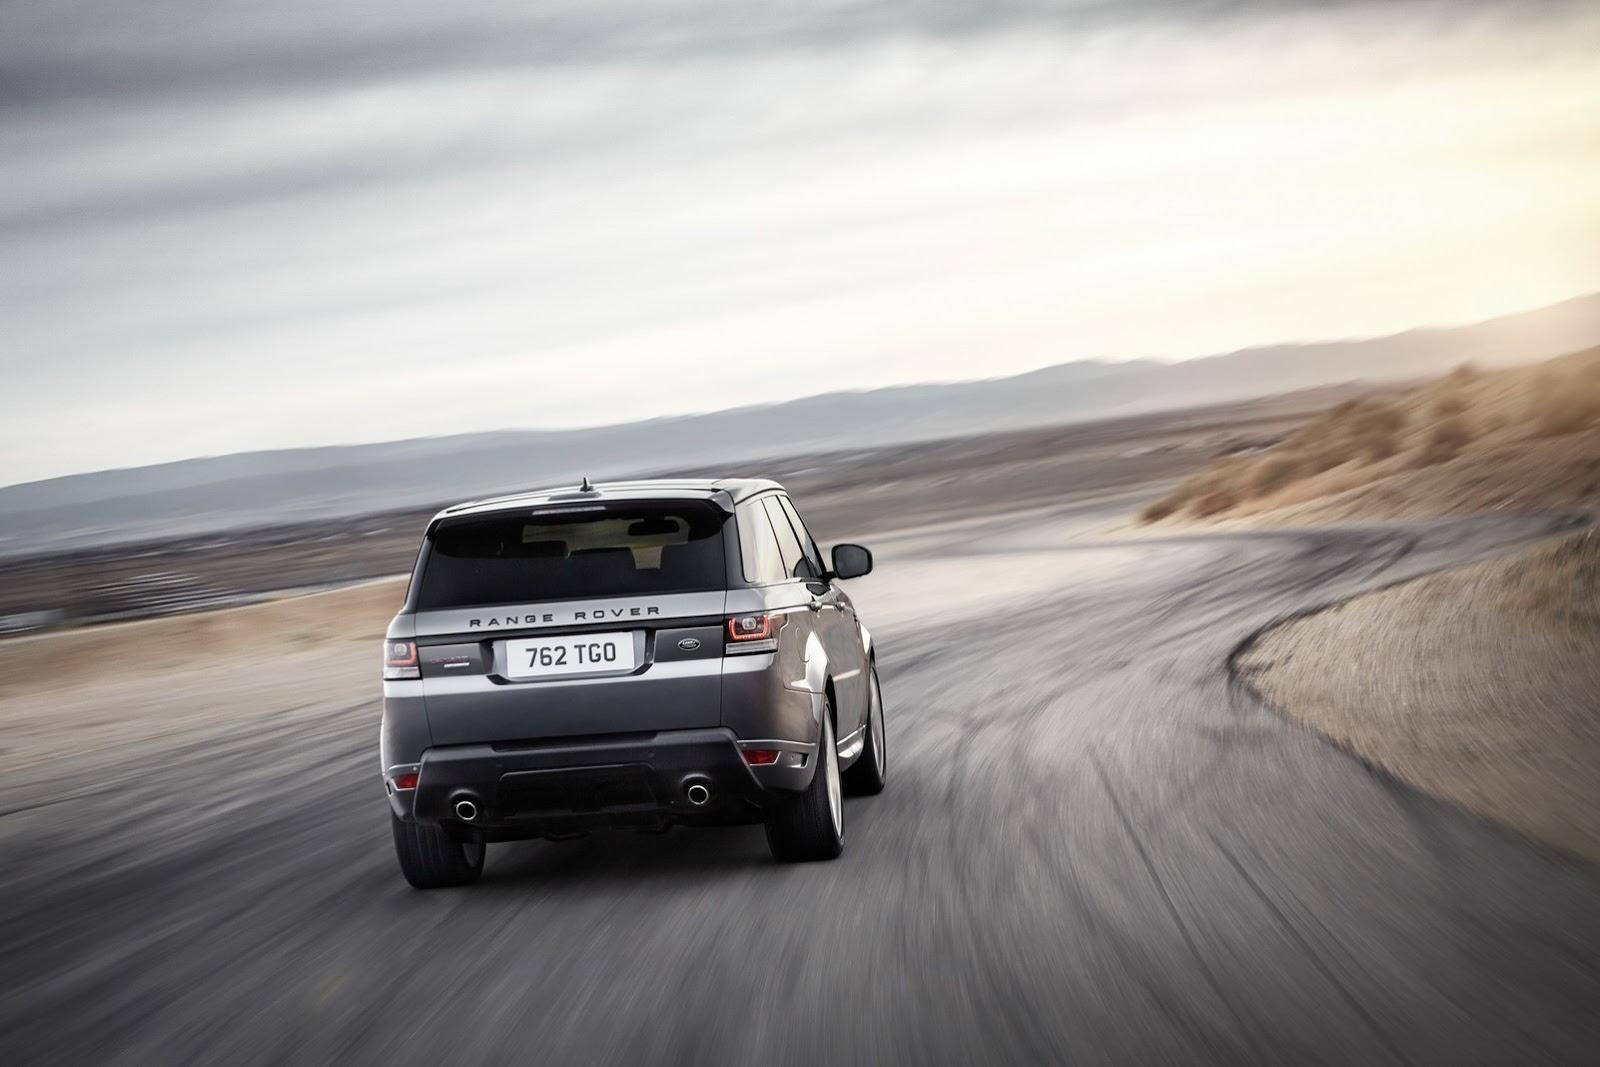 2014-Range-Rover-Sport-22[2].jpg